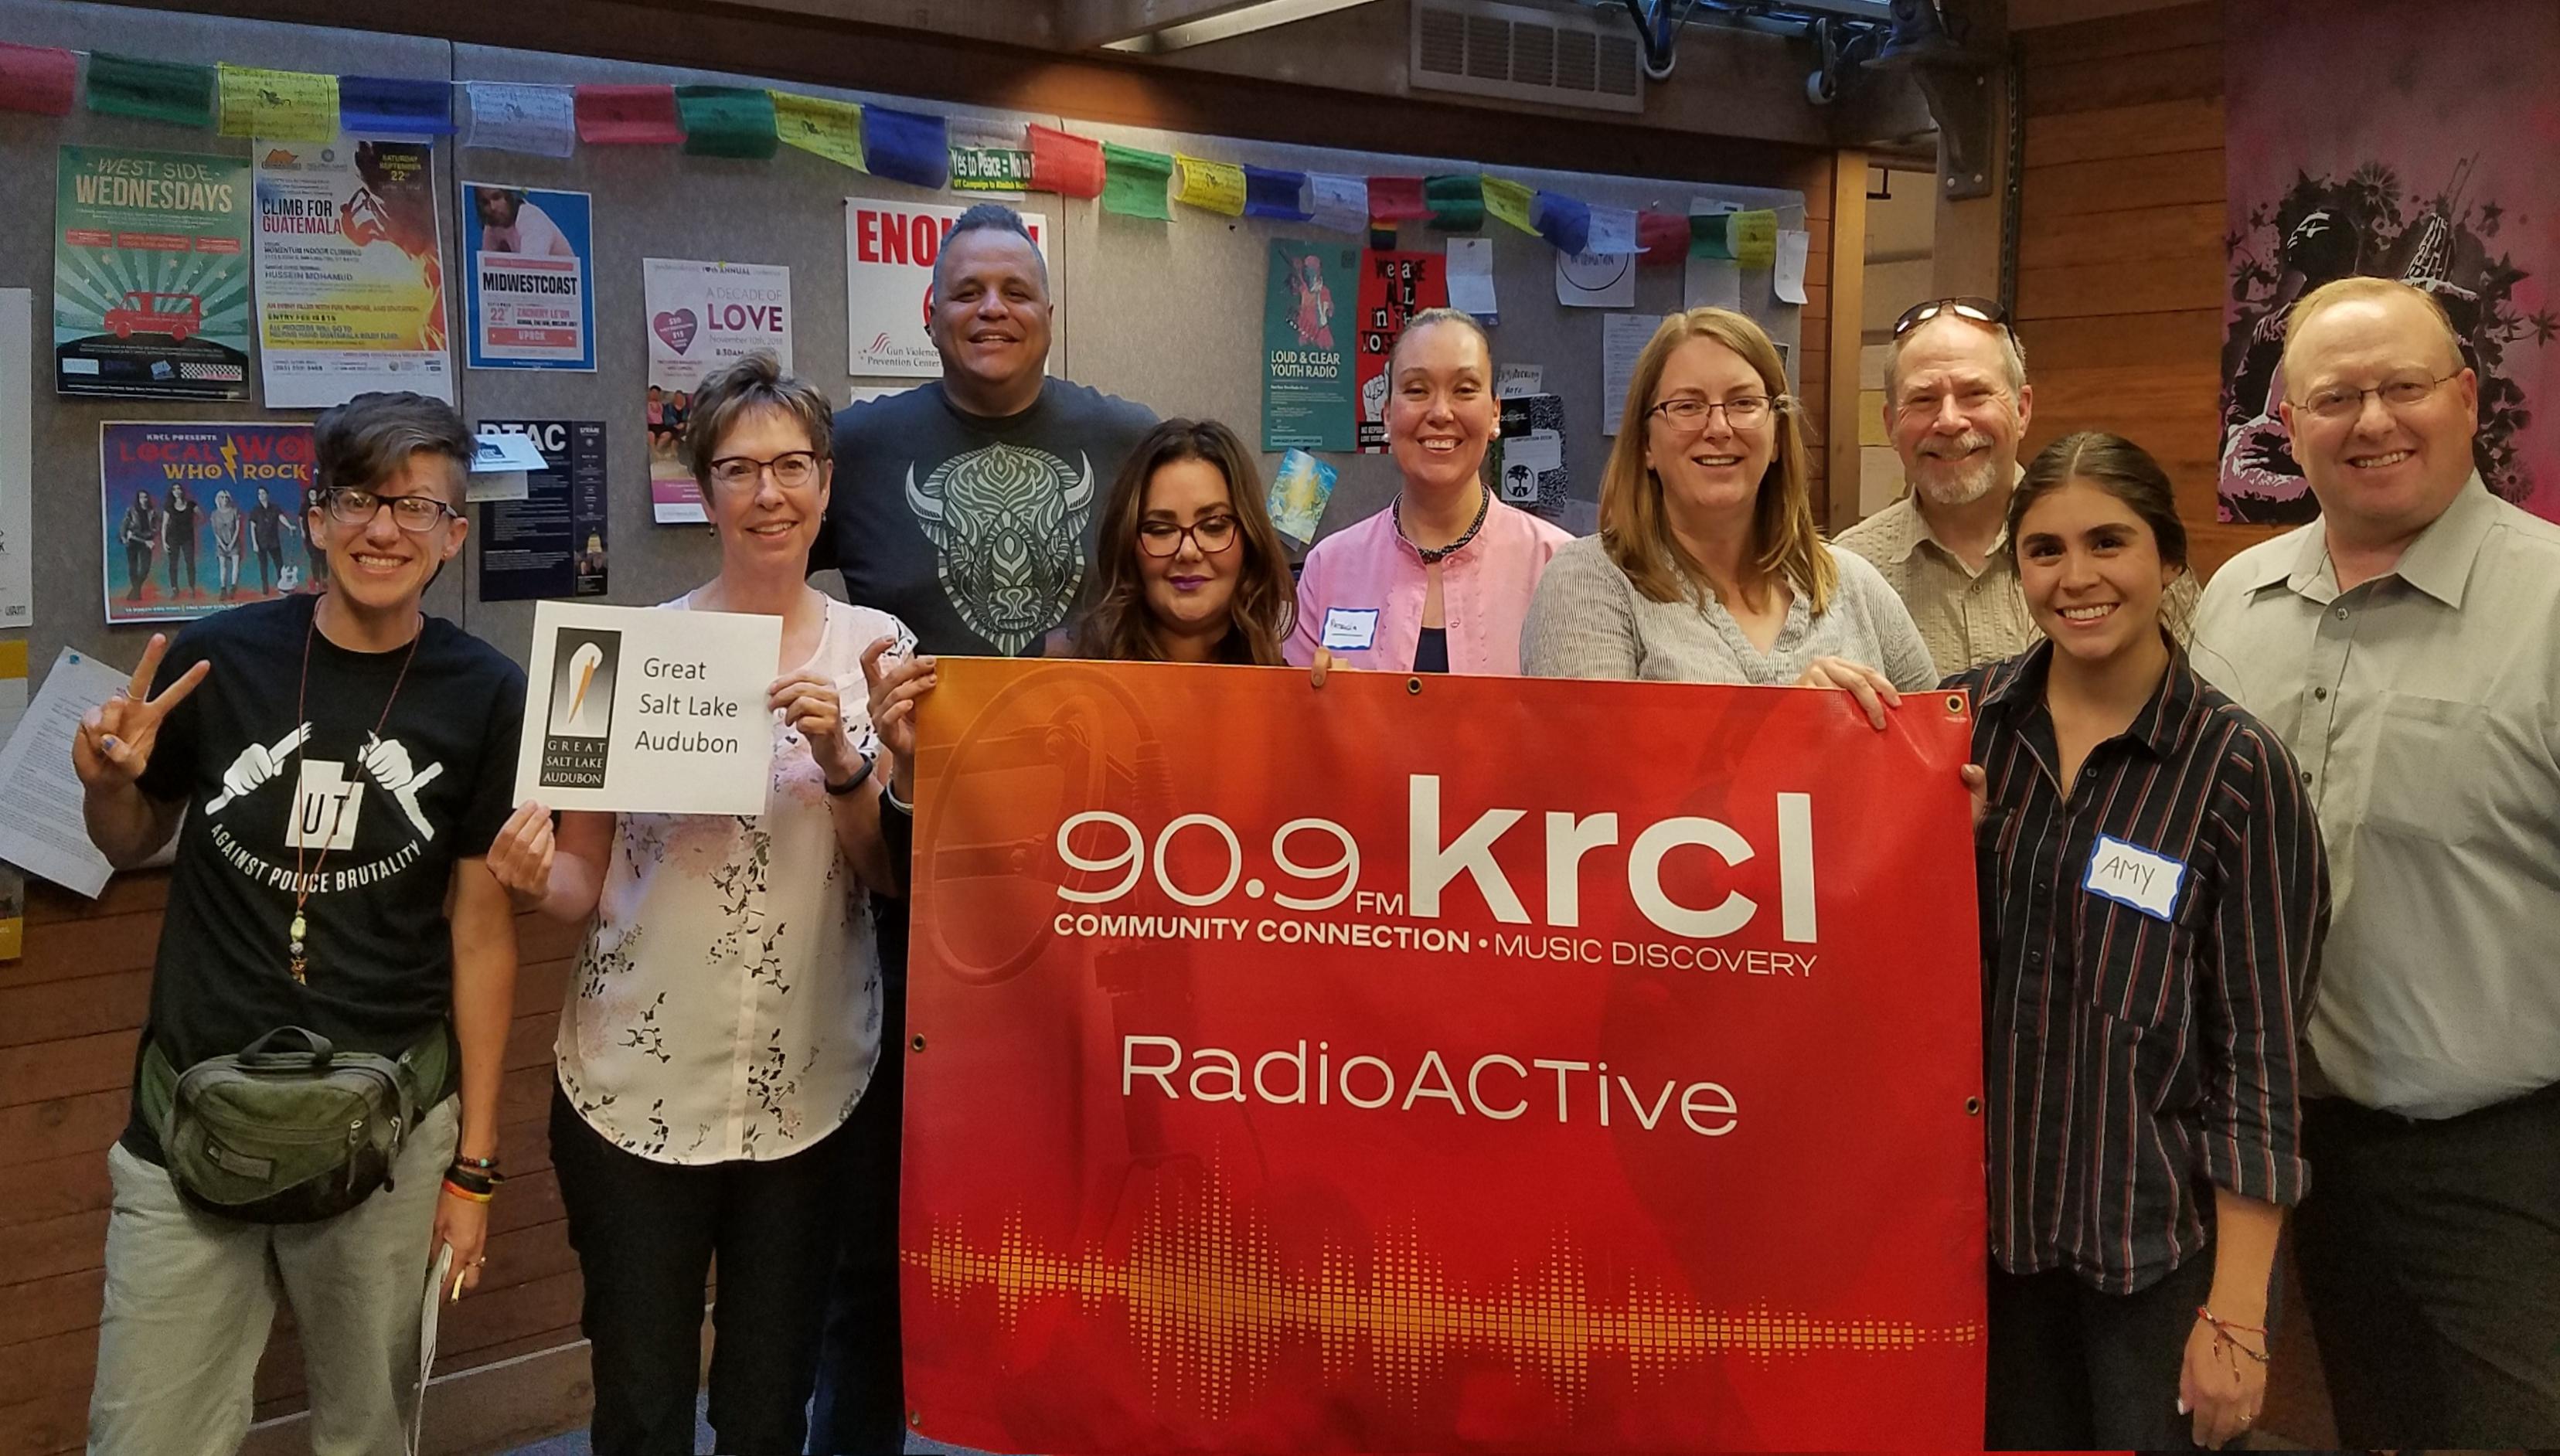 krcl_radio_active_aug_28_003